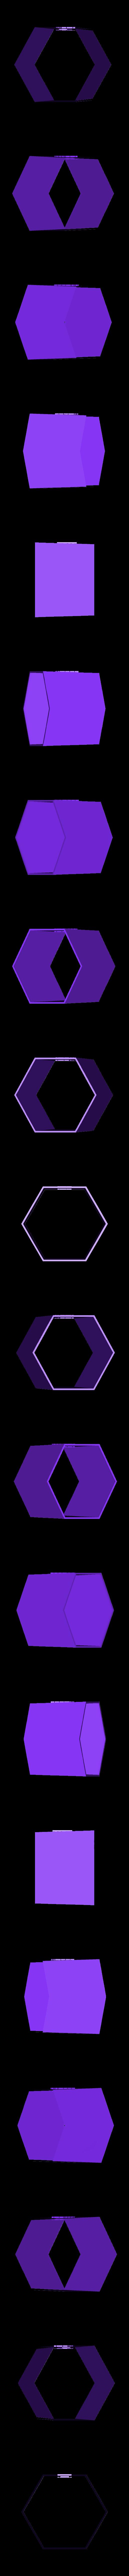 LH_hexa_body1_fixed_unten.stl Télécharger fichier STL gratuit Phare • Modèle pour impression 3D, jteix